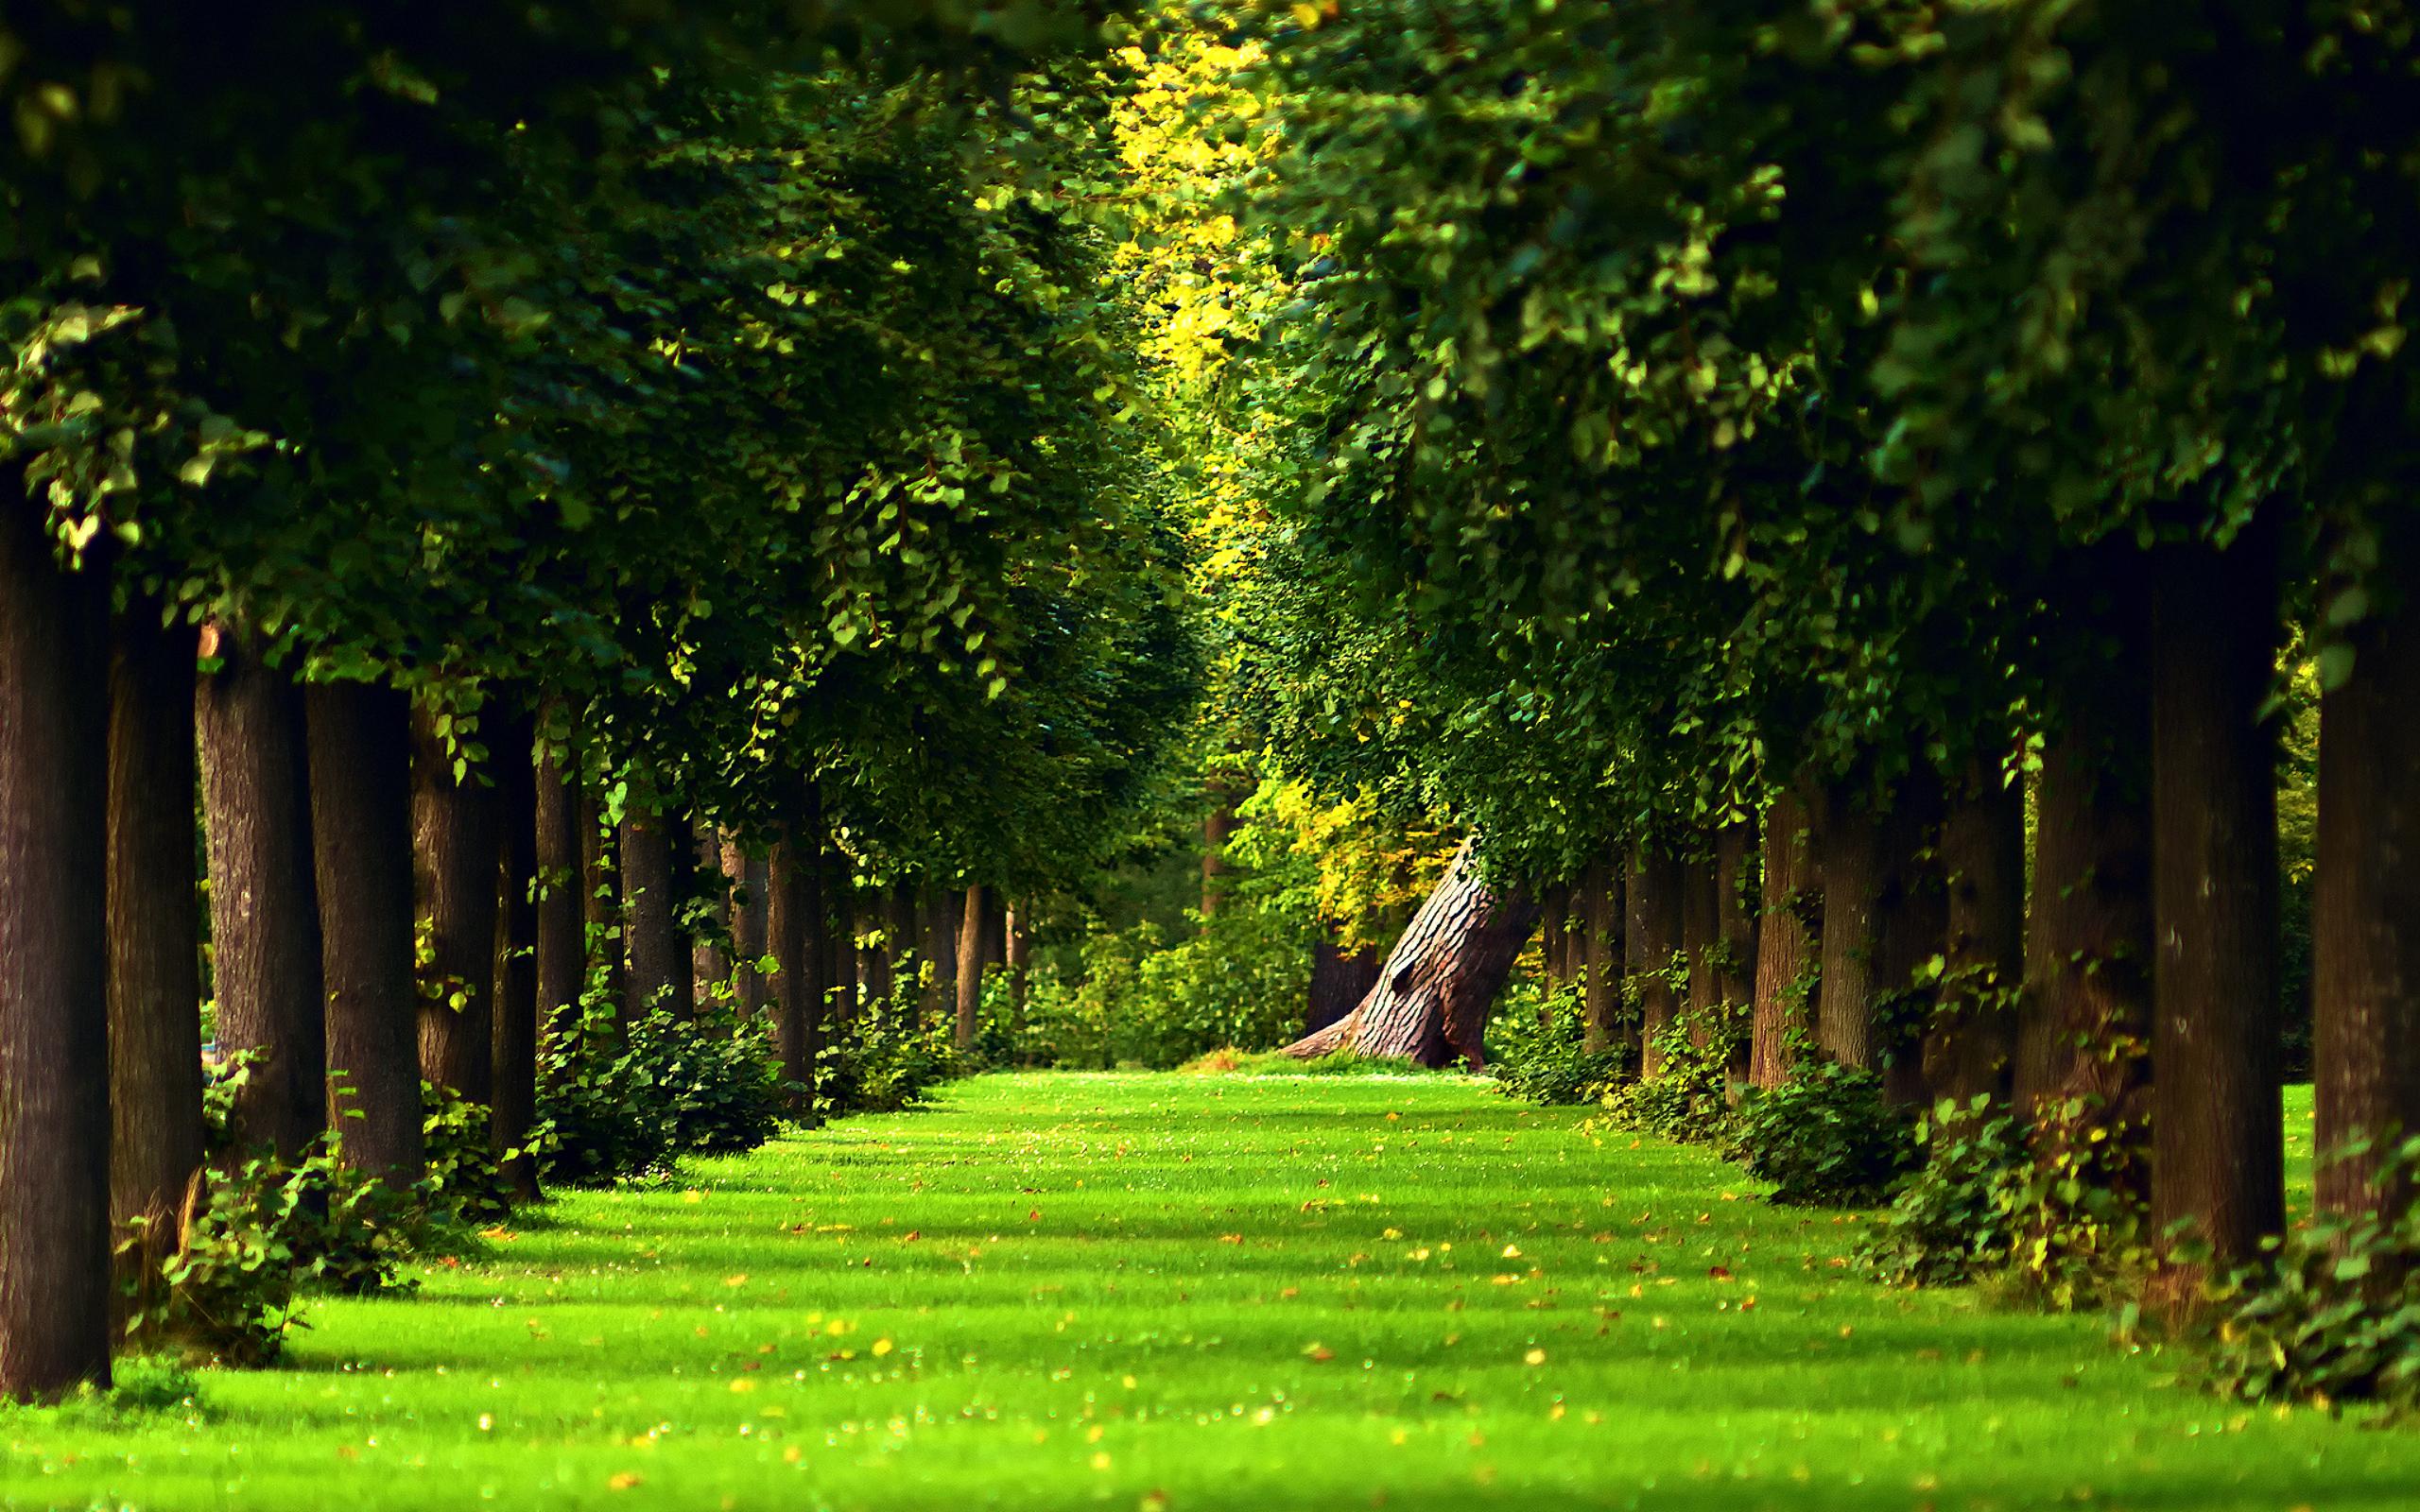 green forest wallpaper desktop is high definition wallpaper you 2560x1600